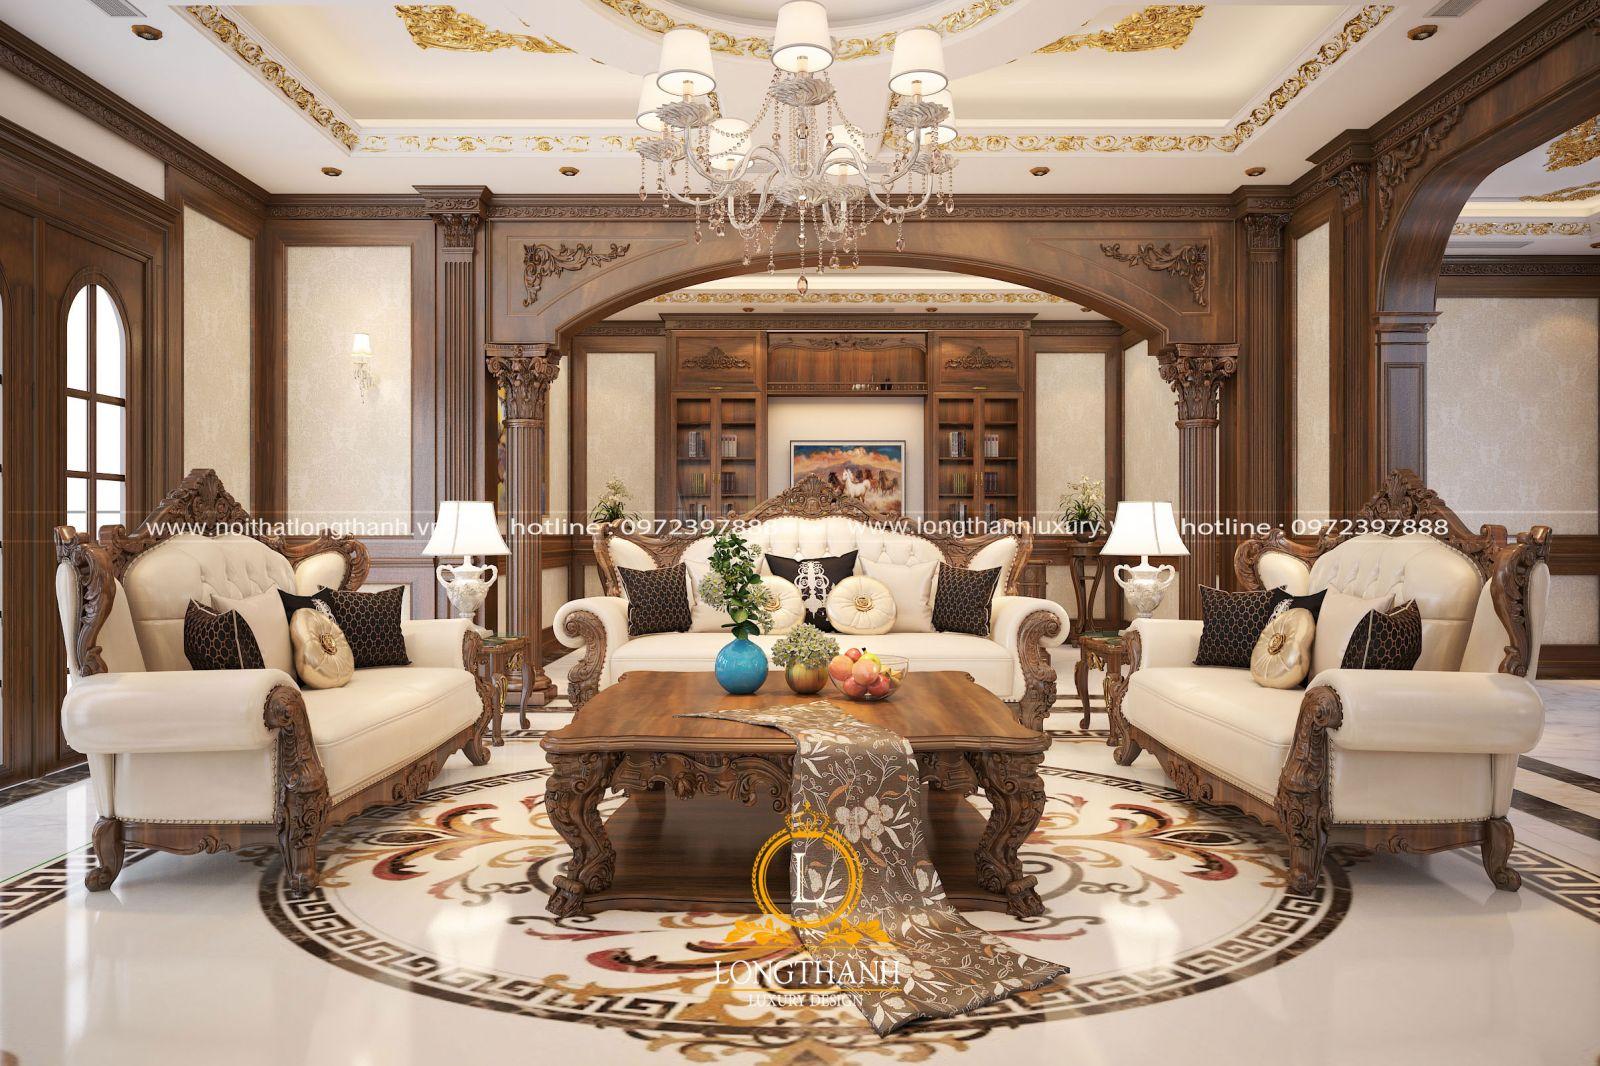 Nội thất phòng khách với chất lượng gỗ  tự nhiên đẳng cấp